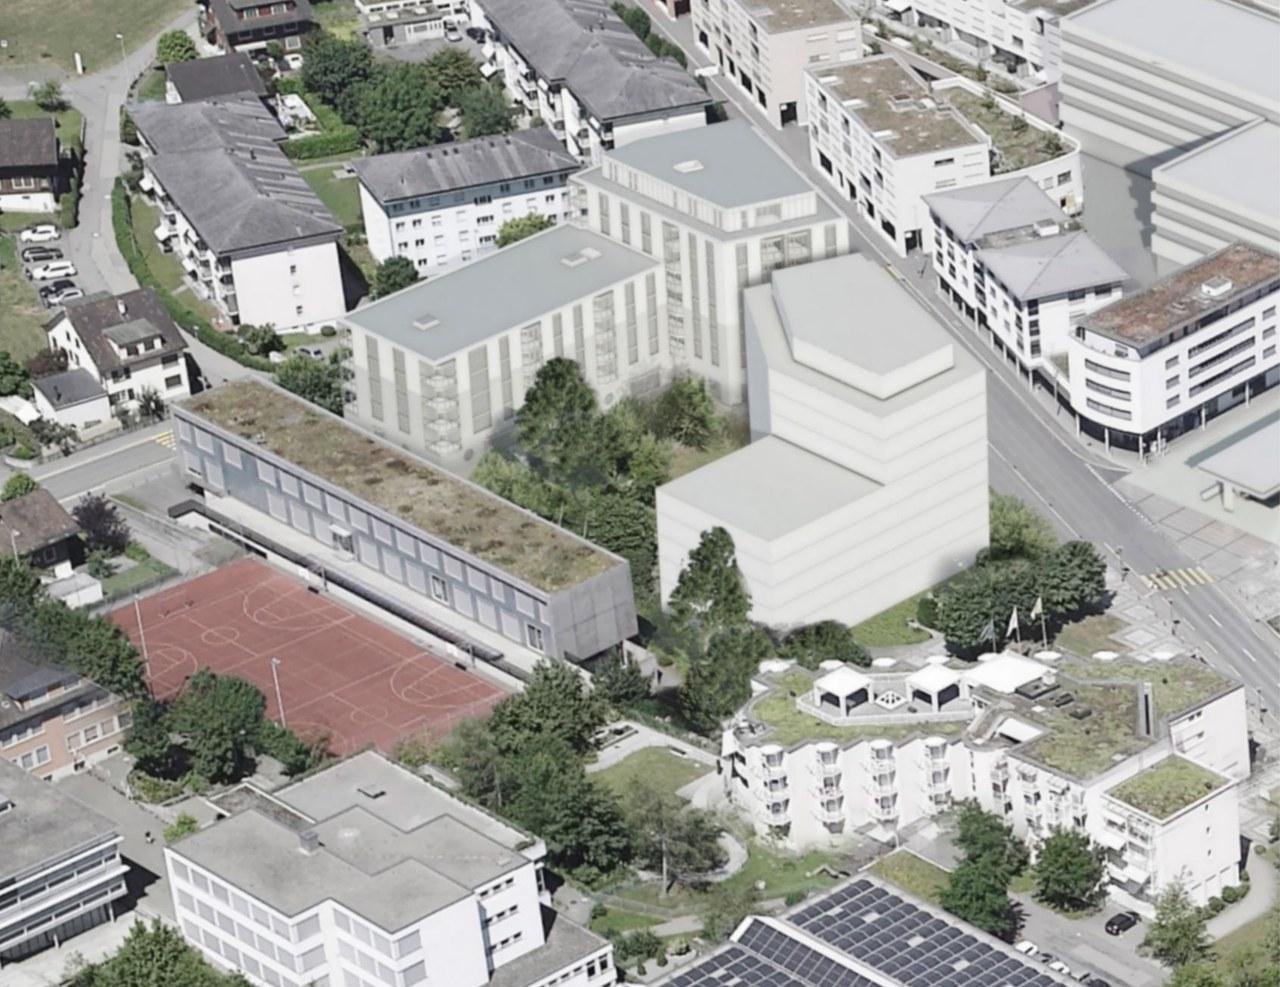 Visualisierung des Neuen Zentrums Dreilinden